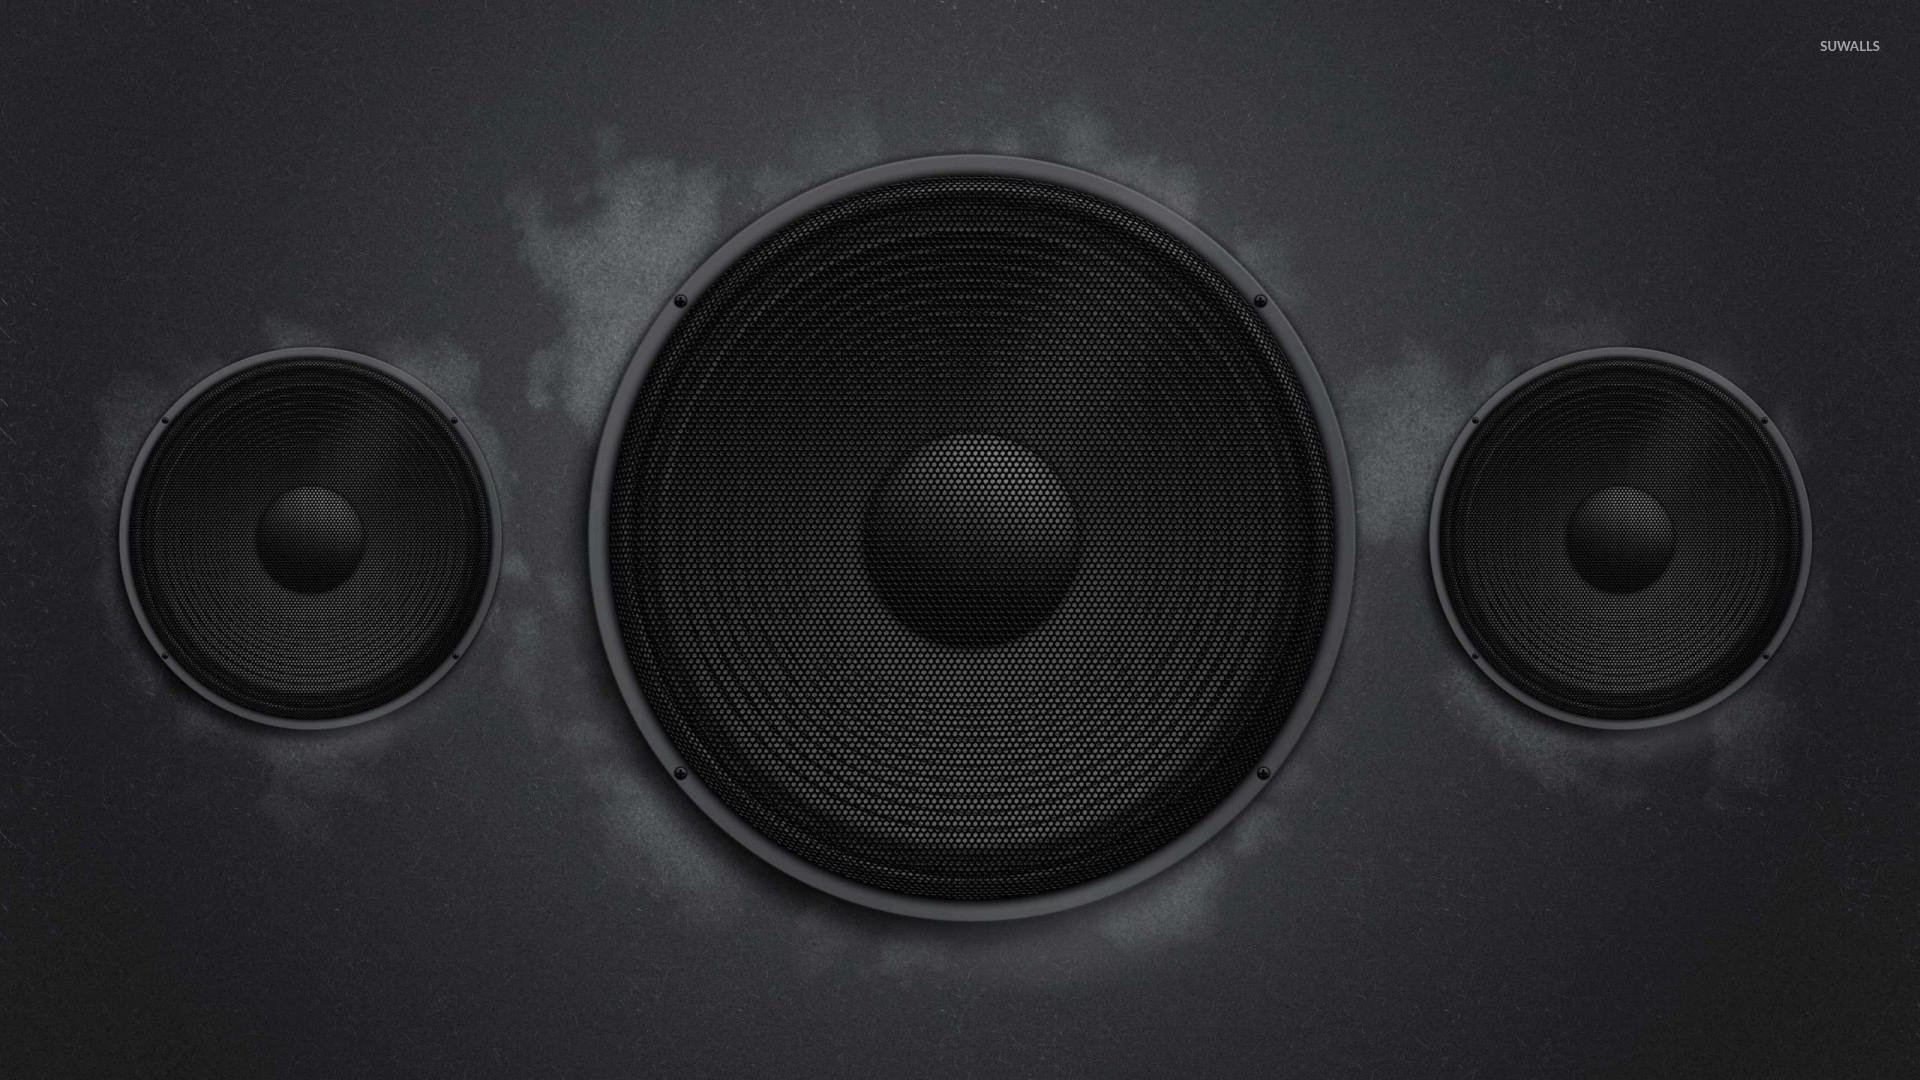 Speakers wallpaper jpg